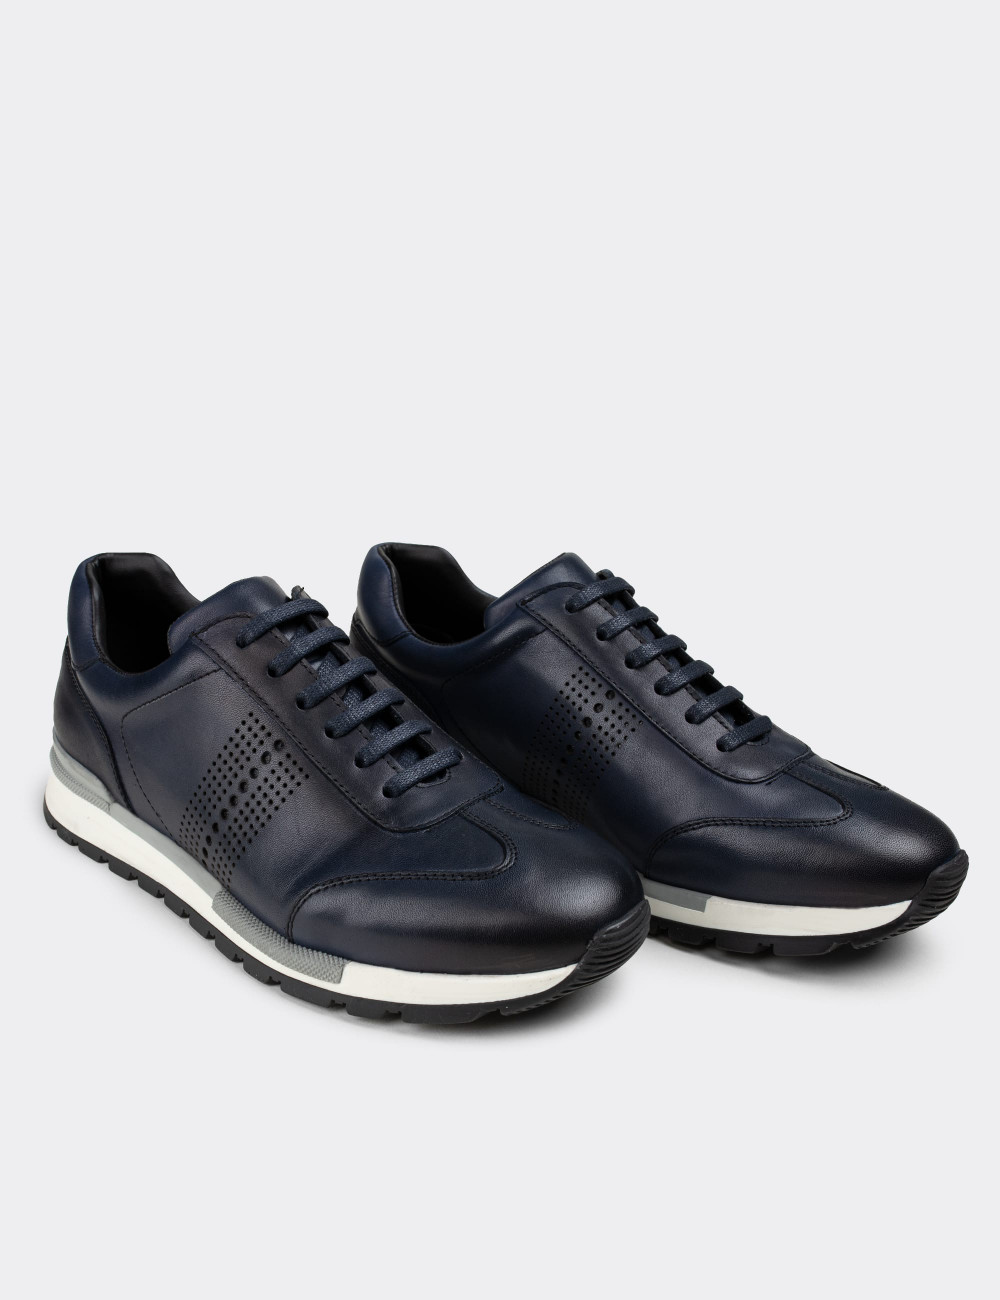 Hakiki Deri Lacivert Sneaker Erkek Ayakkabı - 01738MLCVT02